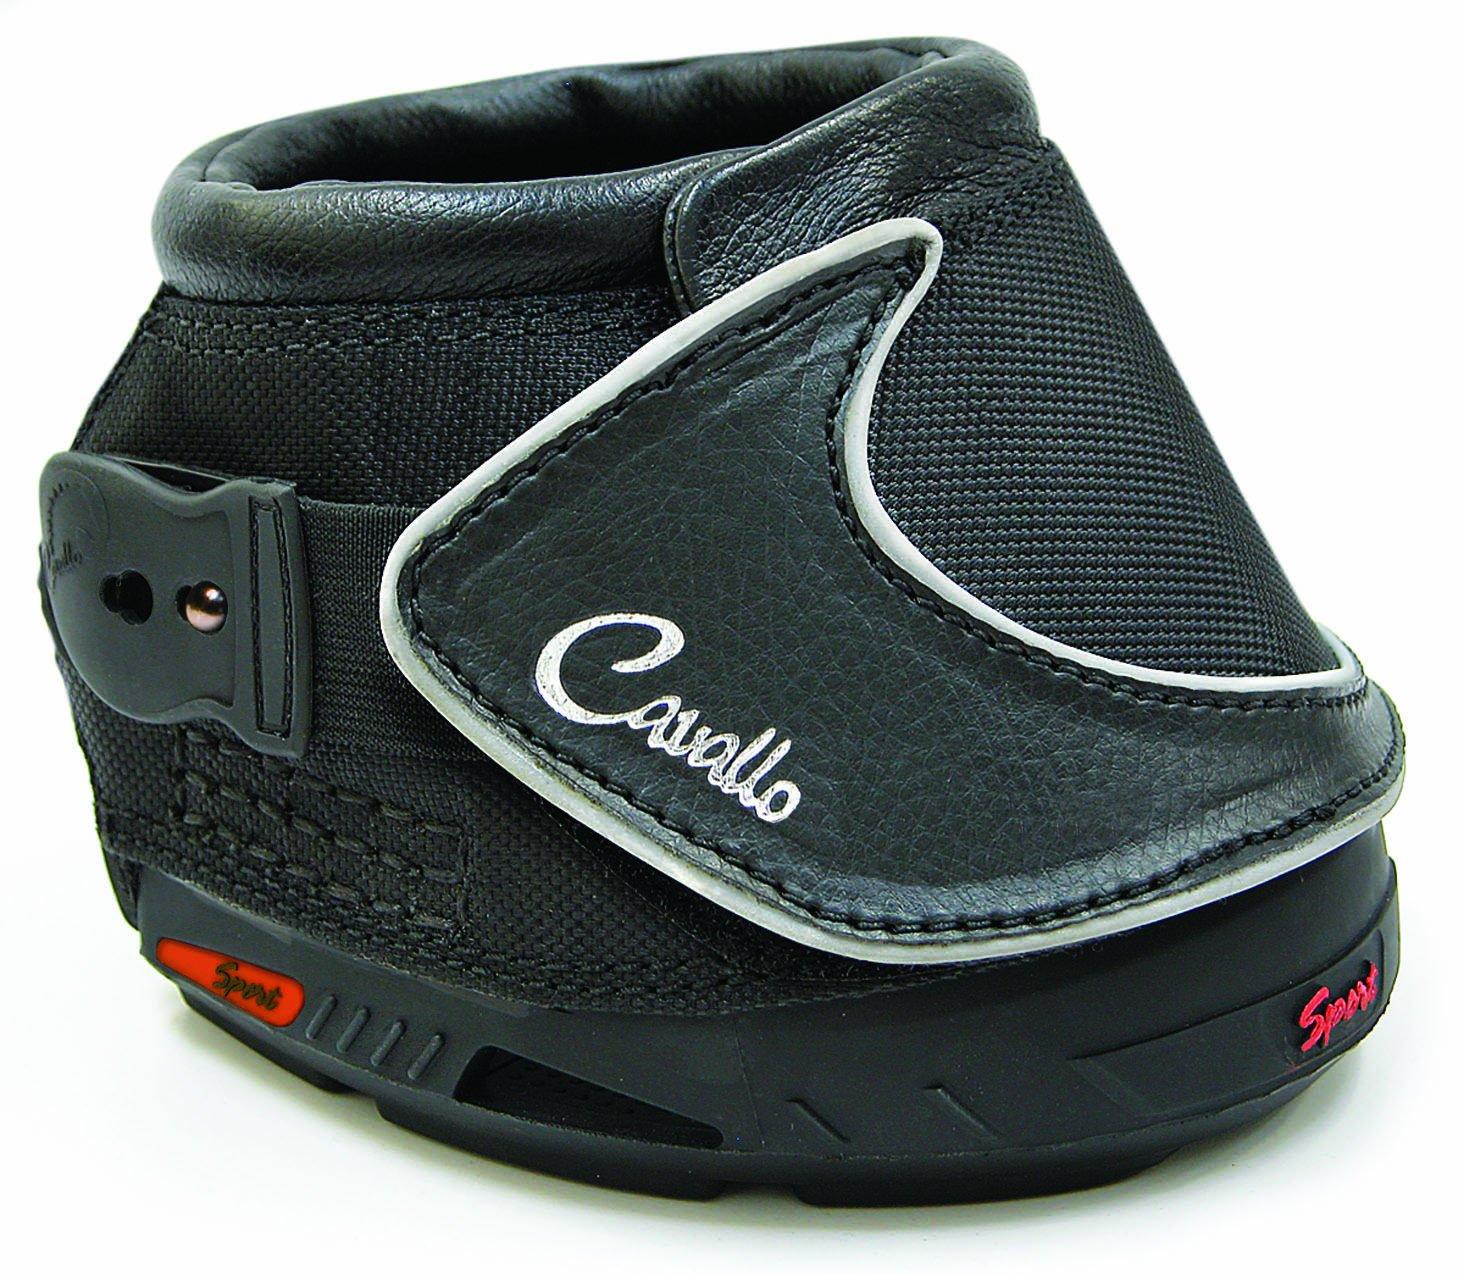 Cavallo Sport Boot Größe 1 (1 Paar)